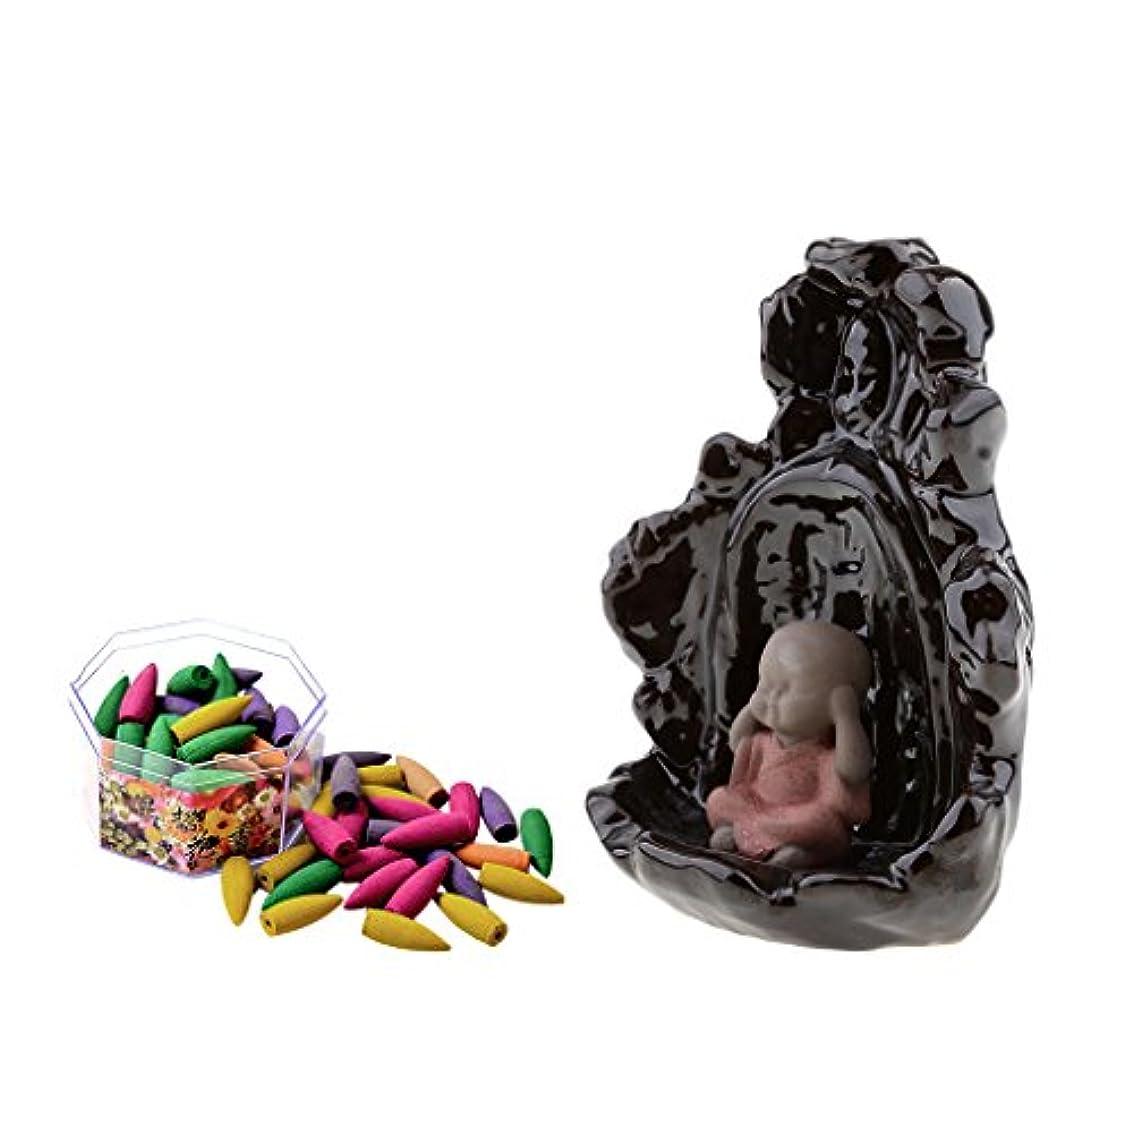 矛盾するあごひげ類人猿monkeyjack手作り磁器セラミック煙逆流香炉Monk Statue Censer + 70混合Incense Cones炉